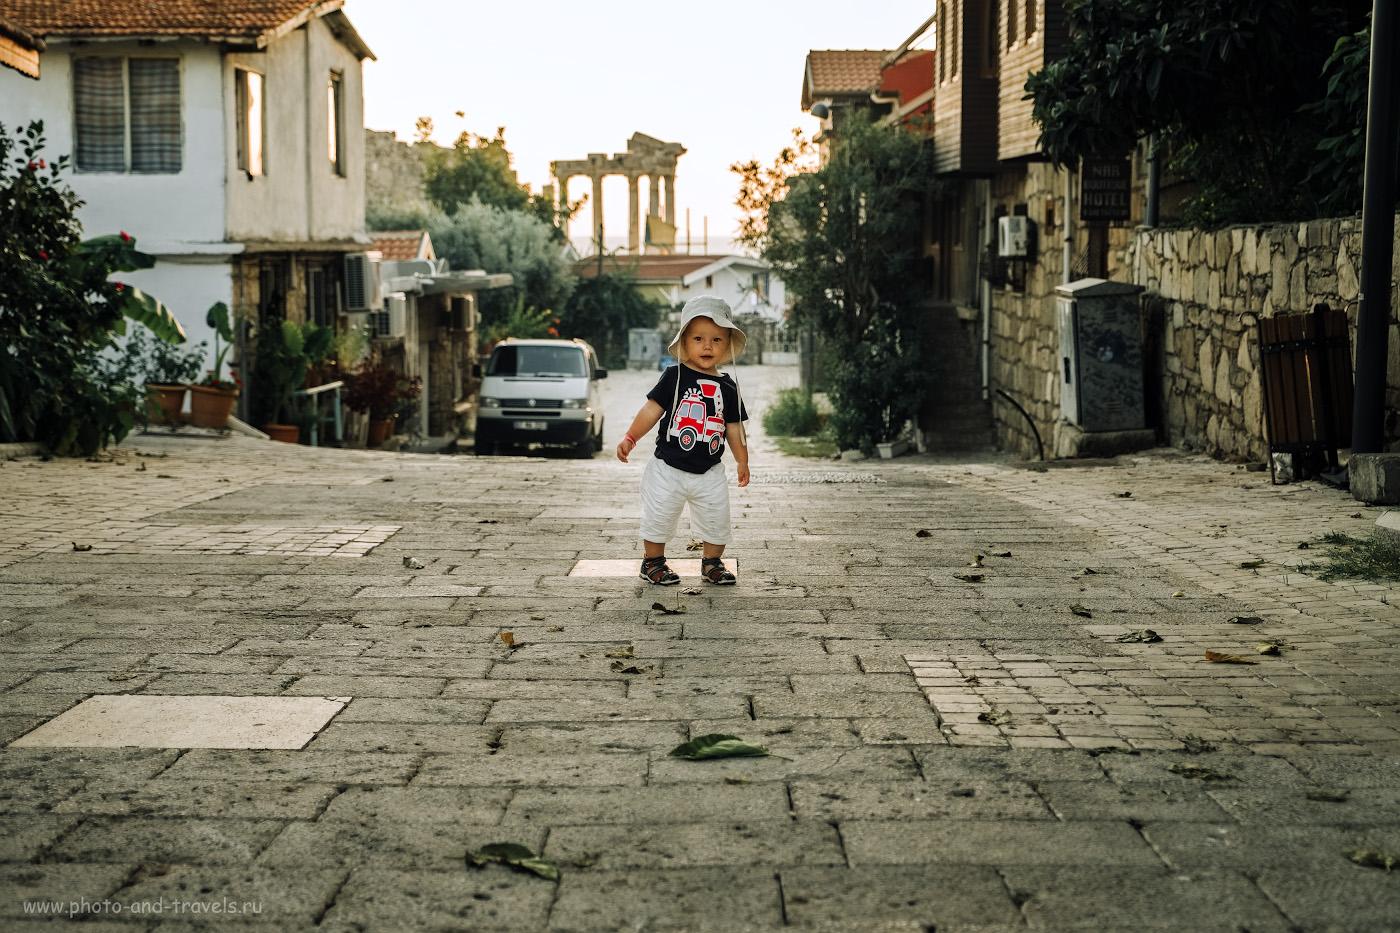 17. Портрет маленького туриста на фоне храма Аполлона в Сиде. 1/240, 2.8, 200, -0.67, 35.